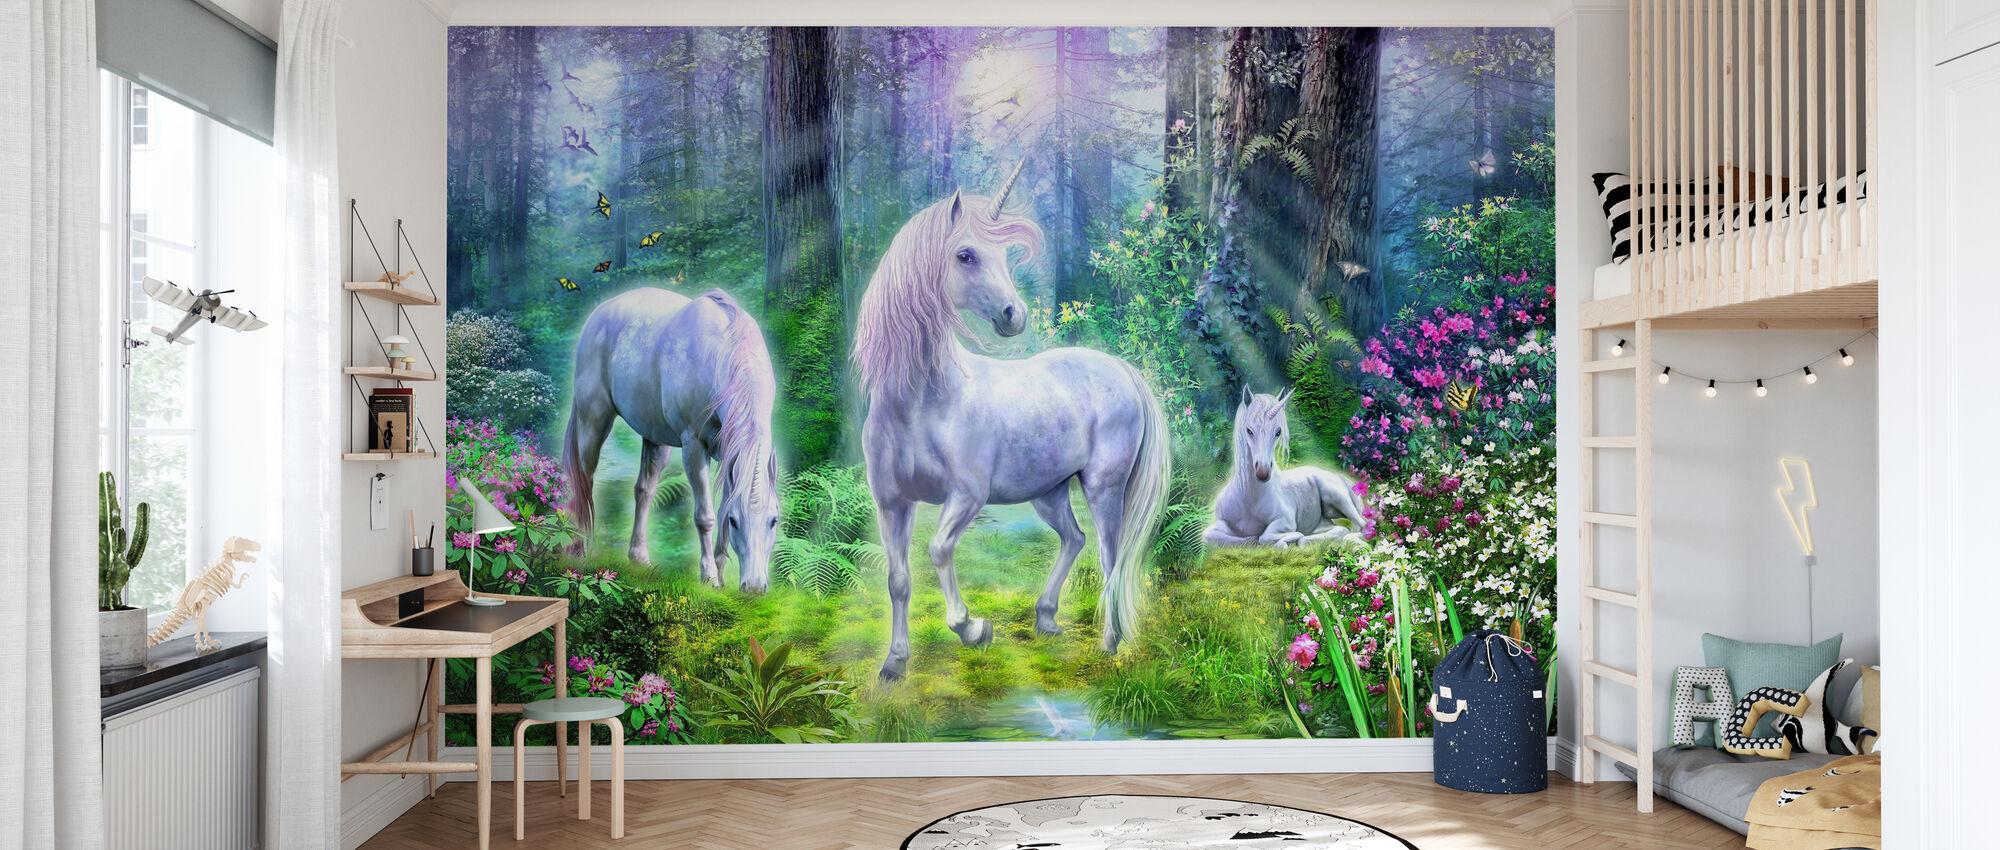 Famiglia degli unicorno della foresta - Carta da parati - Camera dei bambini